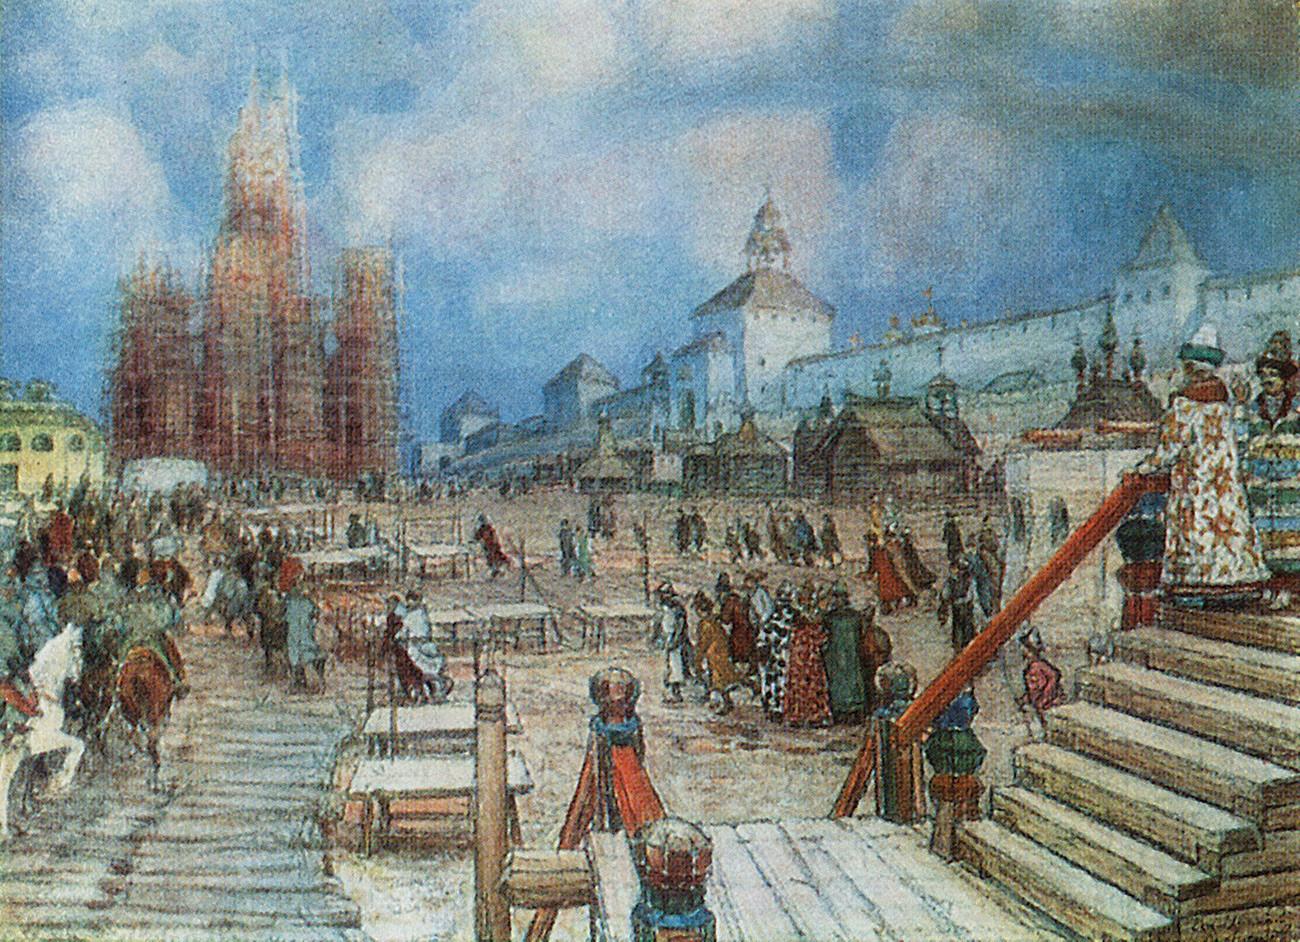 Der Rote Platz in der Zeit von Iwan dem Schrecklichen